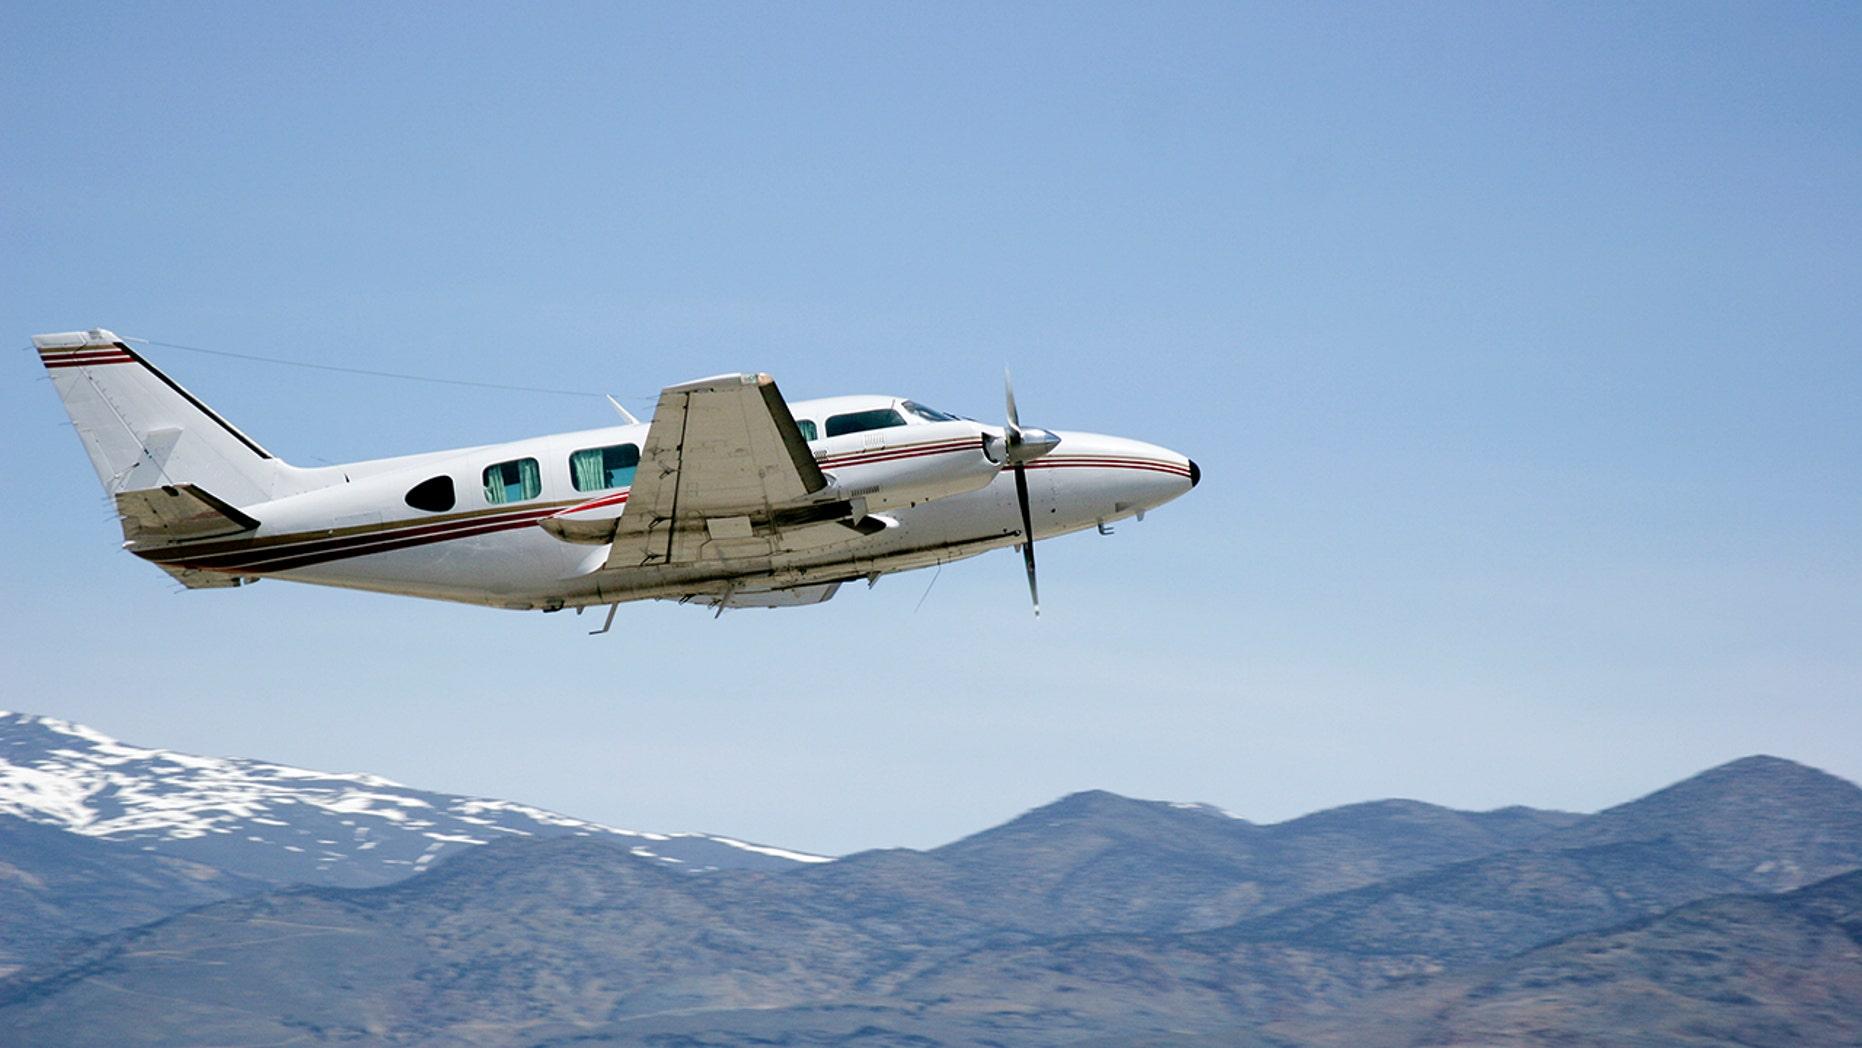 Pilot overflies Australian island destination after falling asleep with plane on autopilot